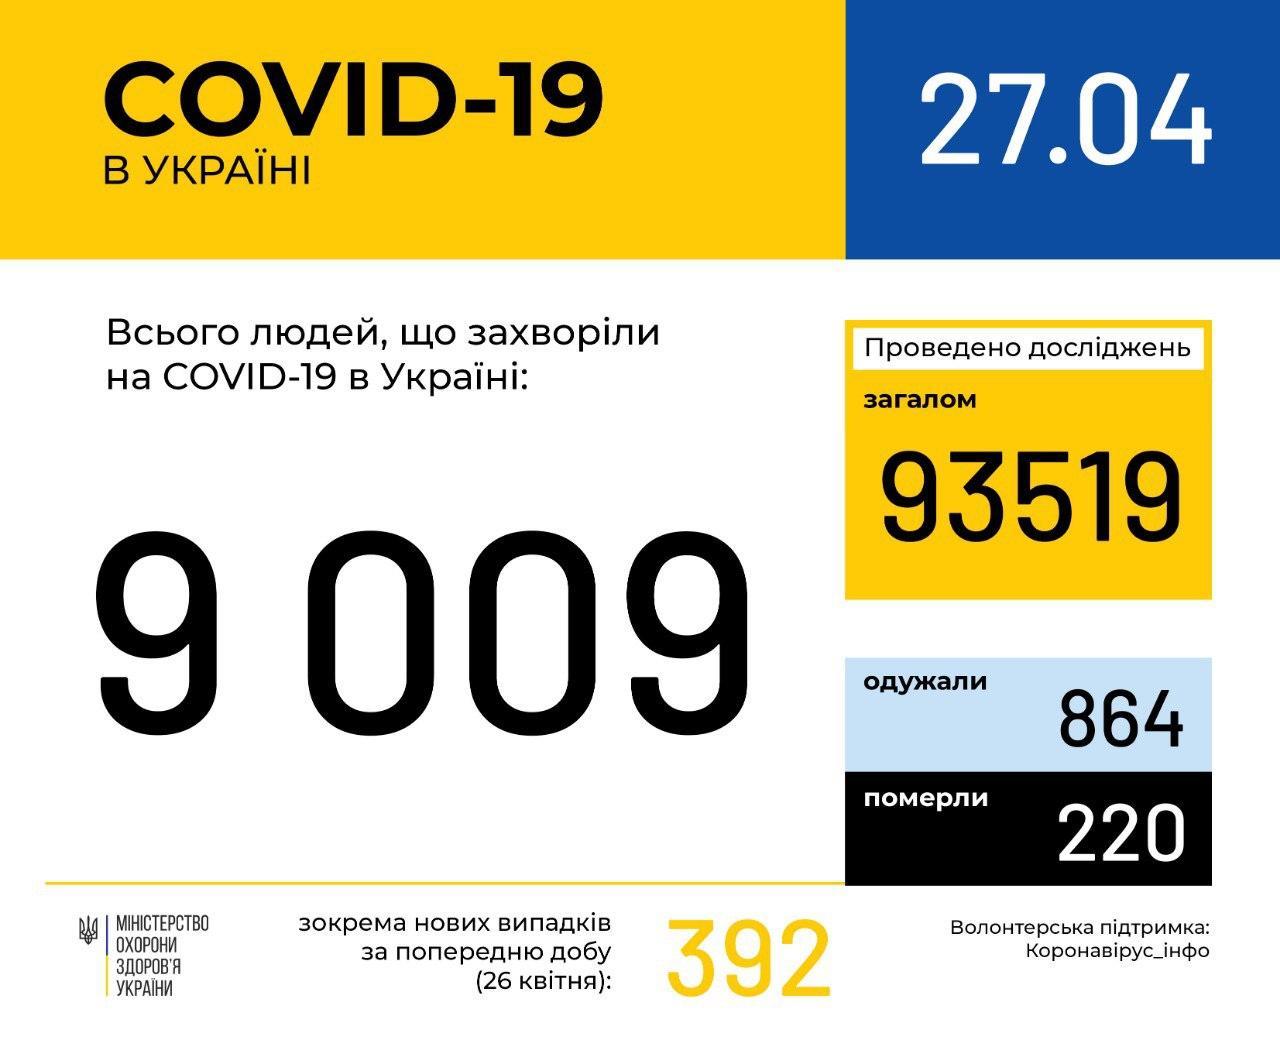 В Україні зафіксовано 9009 випадків коронавірусної хвороби COVID-19